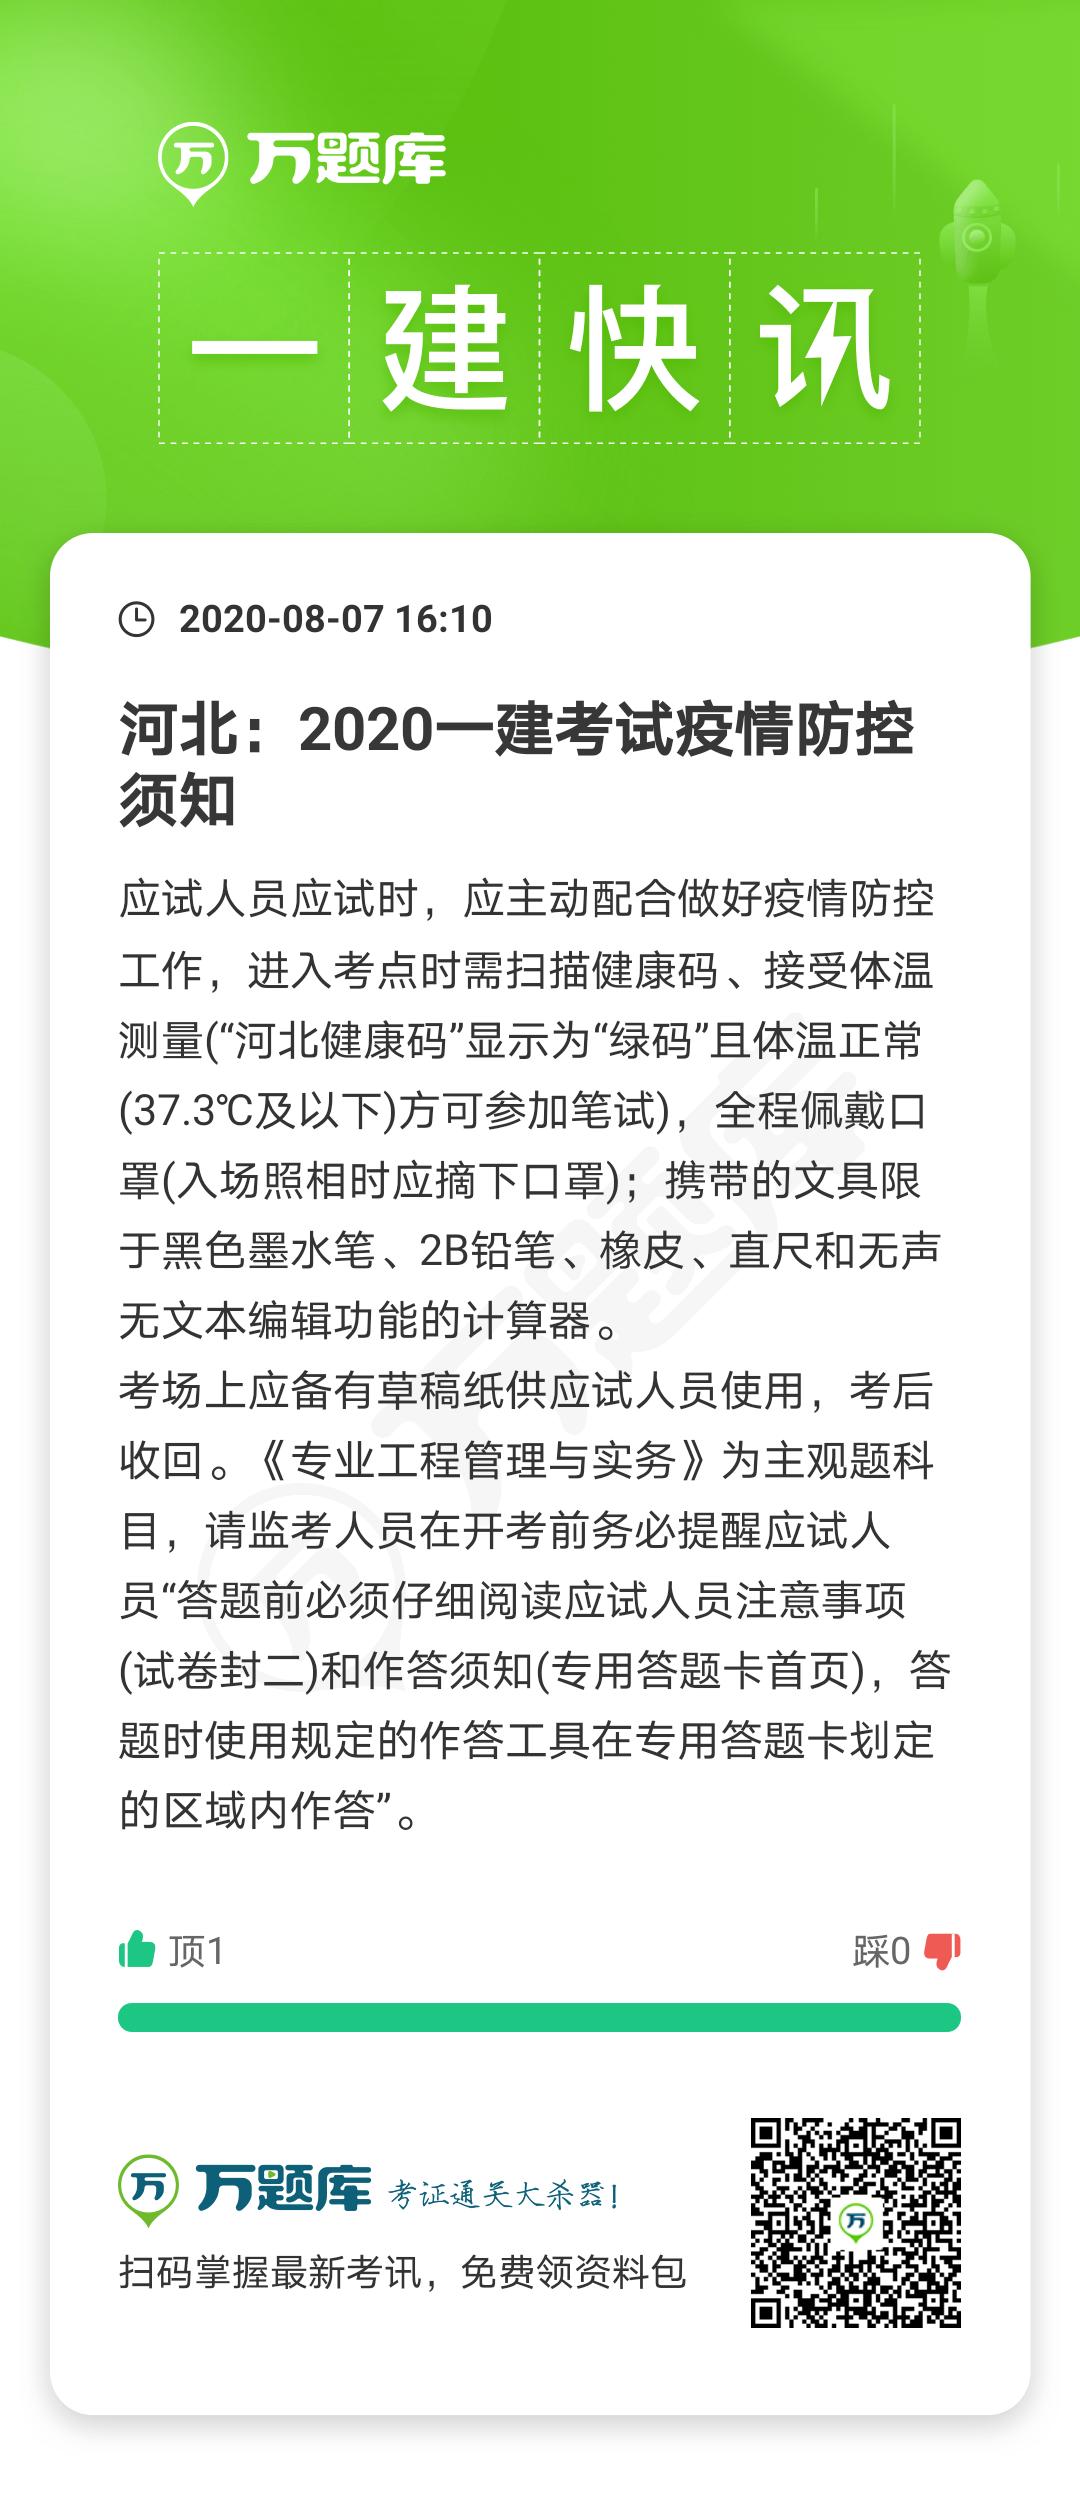 河北:2020年一级建造师考试期间疫情防控须知